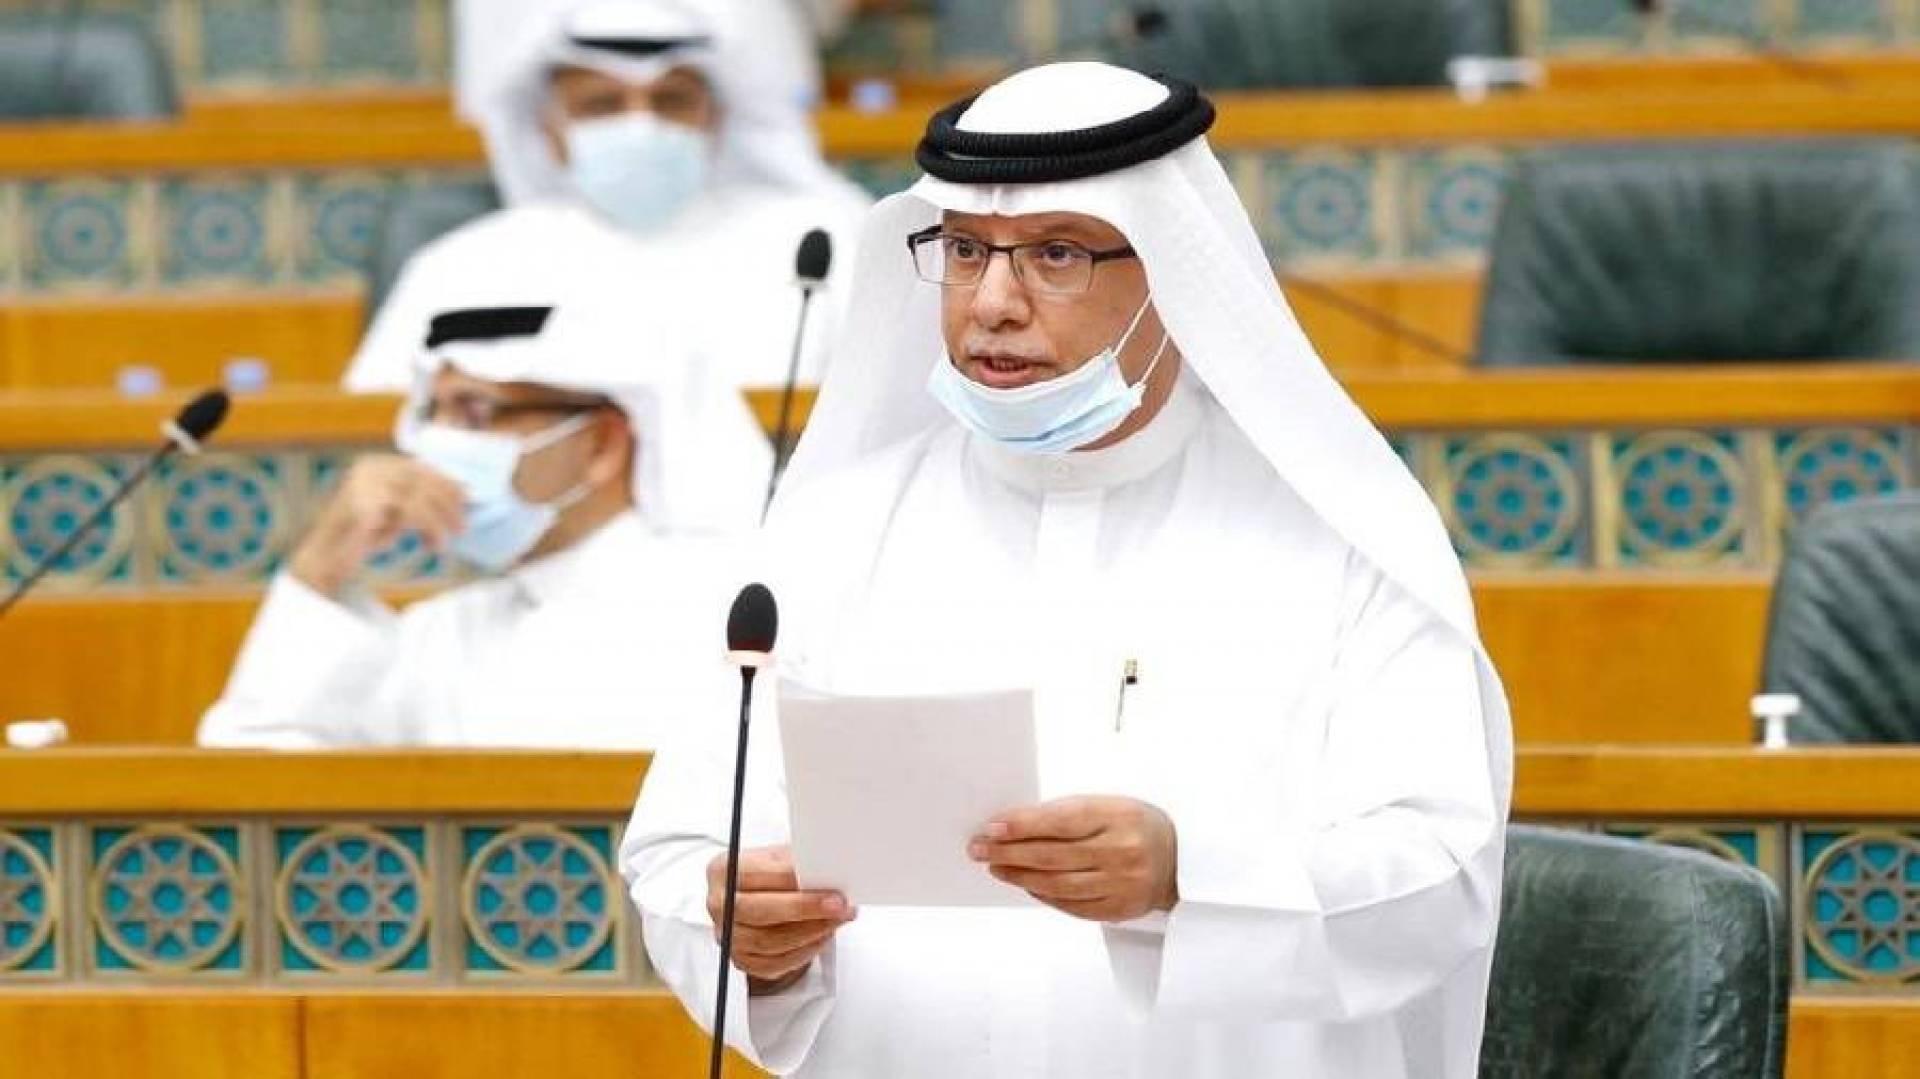 الوزير مبارك الحريص: تحقيقات النيابة بشأن الصندوق الماليزي جارية